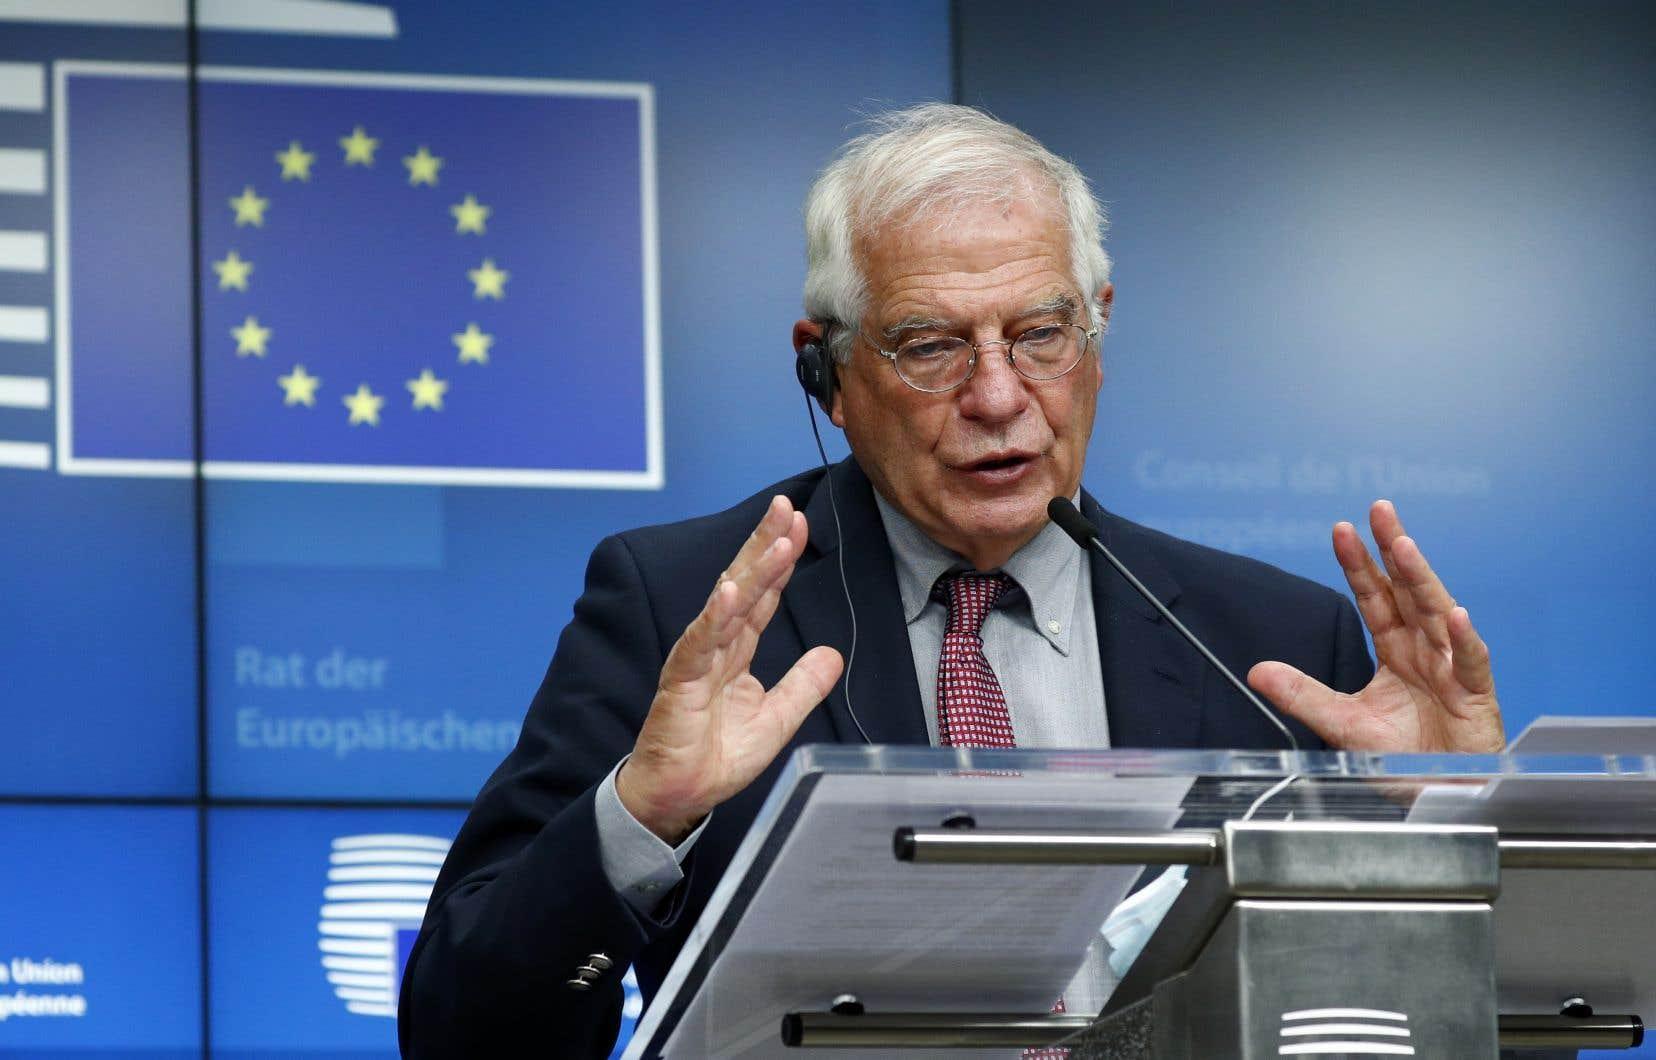 La législation imposée par Pékin va avoir un impact sur les relations de l'UE avec la Chine, avait annoncé récemment le chef de la diplomatie européenne, Josep Borrell.